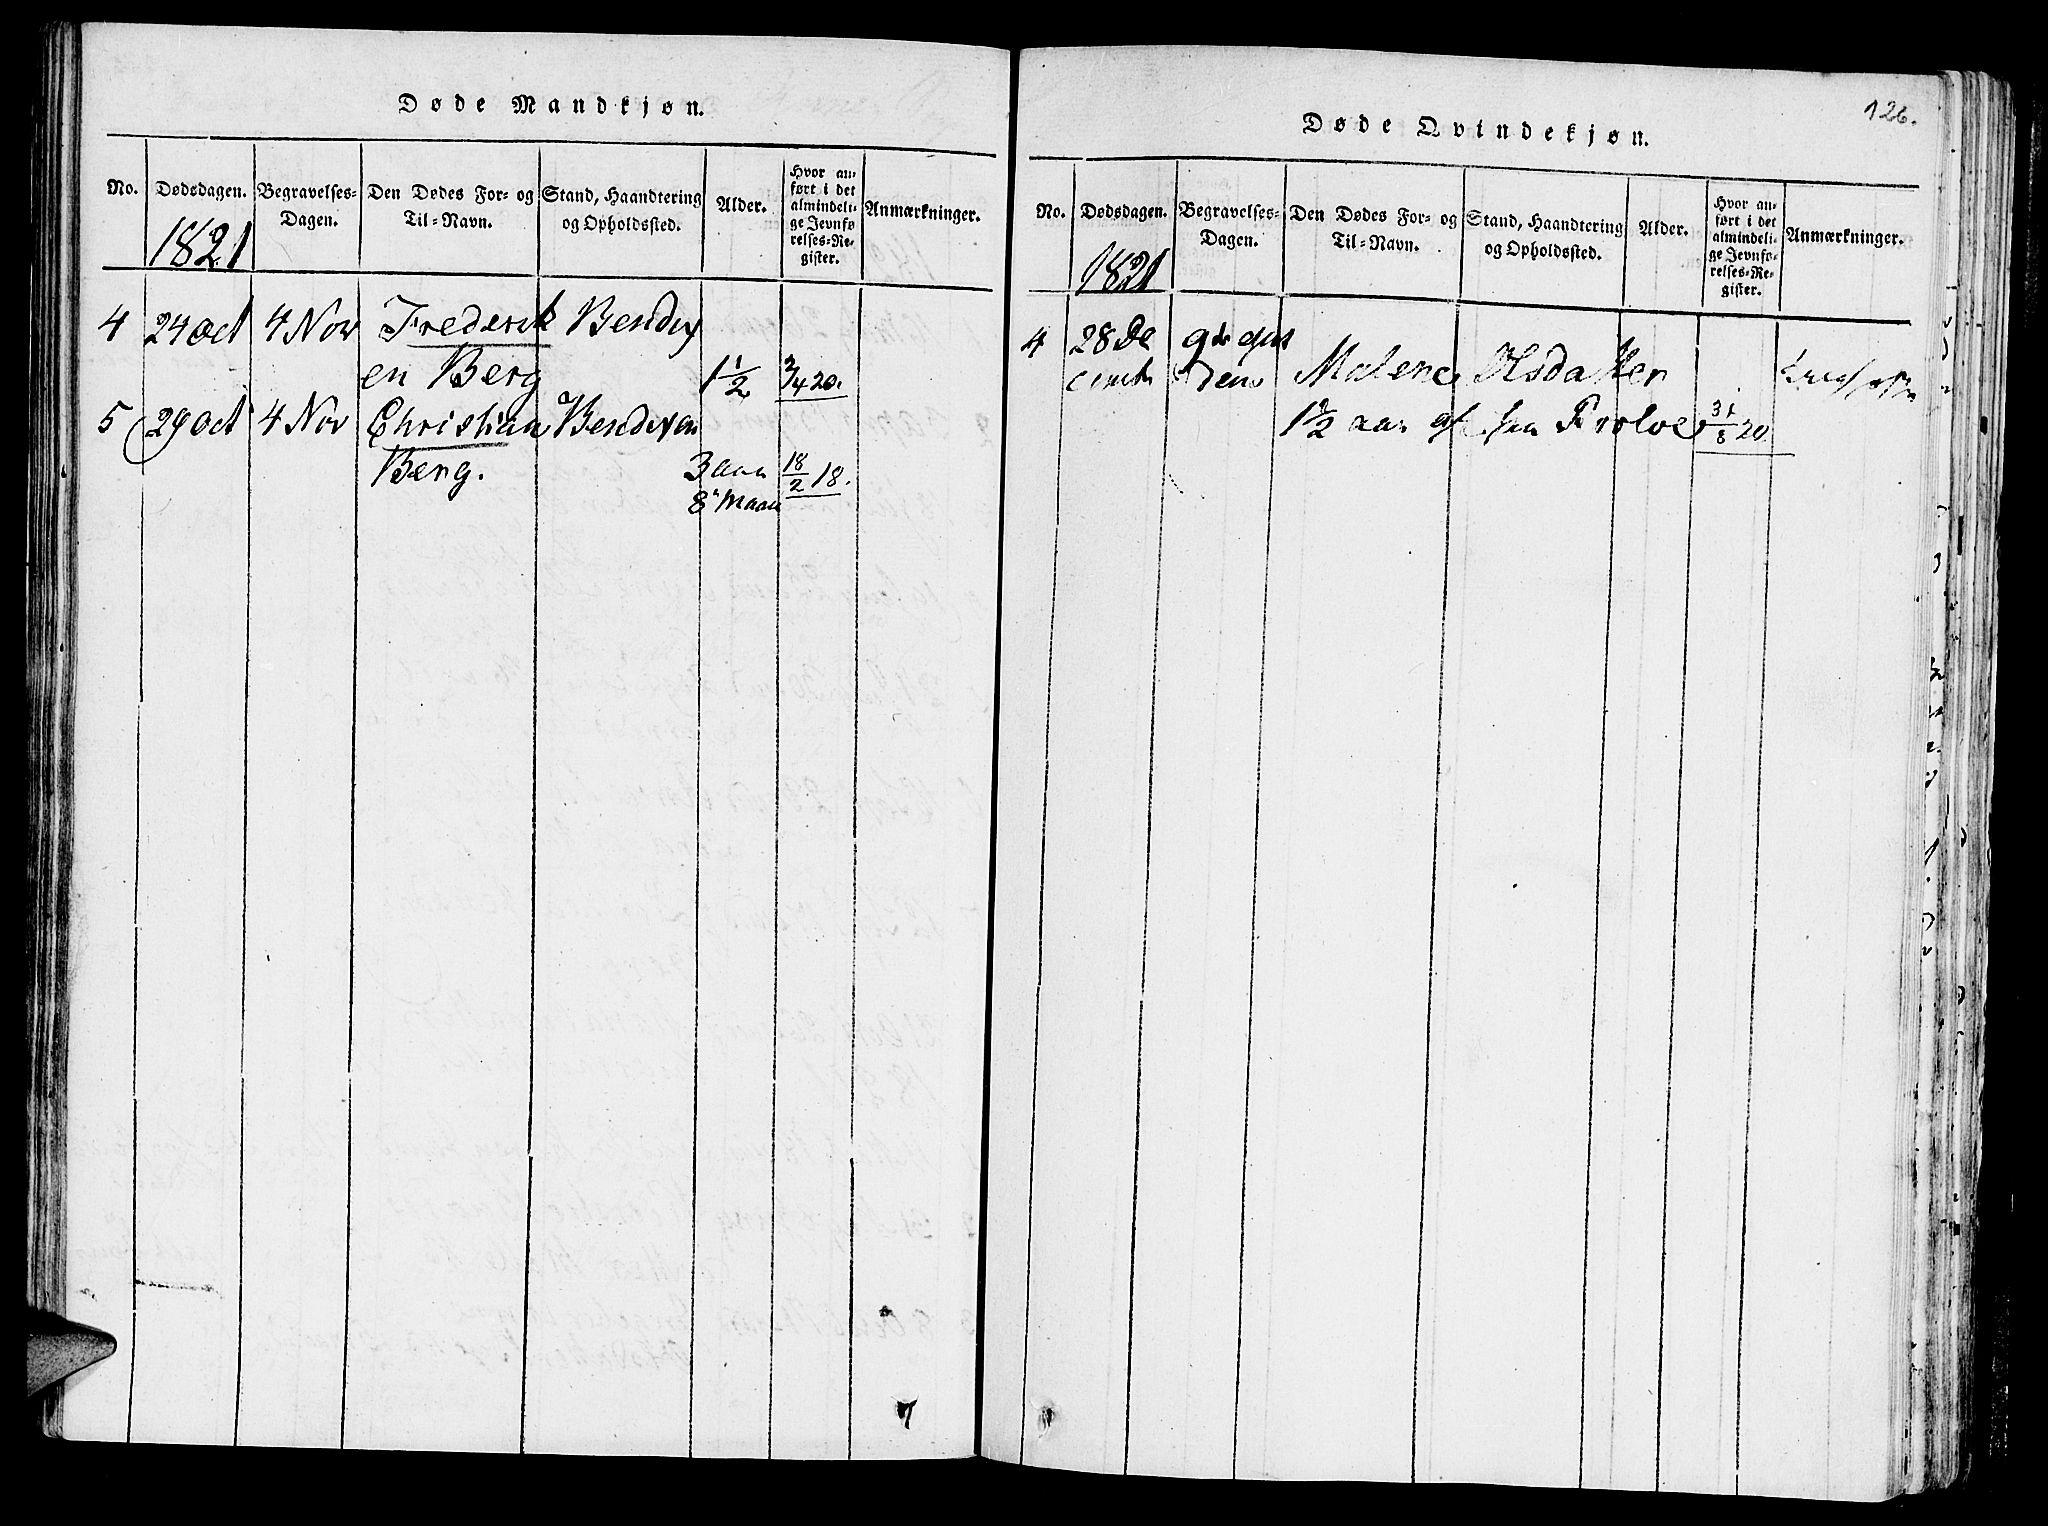 SAT, Ministerialprotokoller, klokkerbøker og fødselsregistre - Nord-Trøndelag, 723/L0234: Ministerialbok nr. 723A05 /3, 1817-1821, s. 126